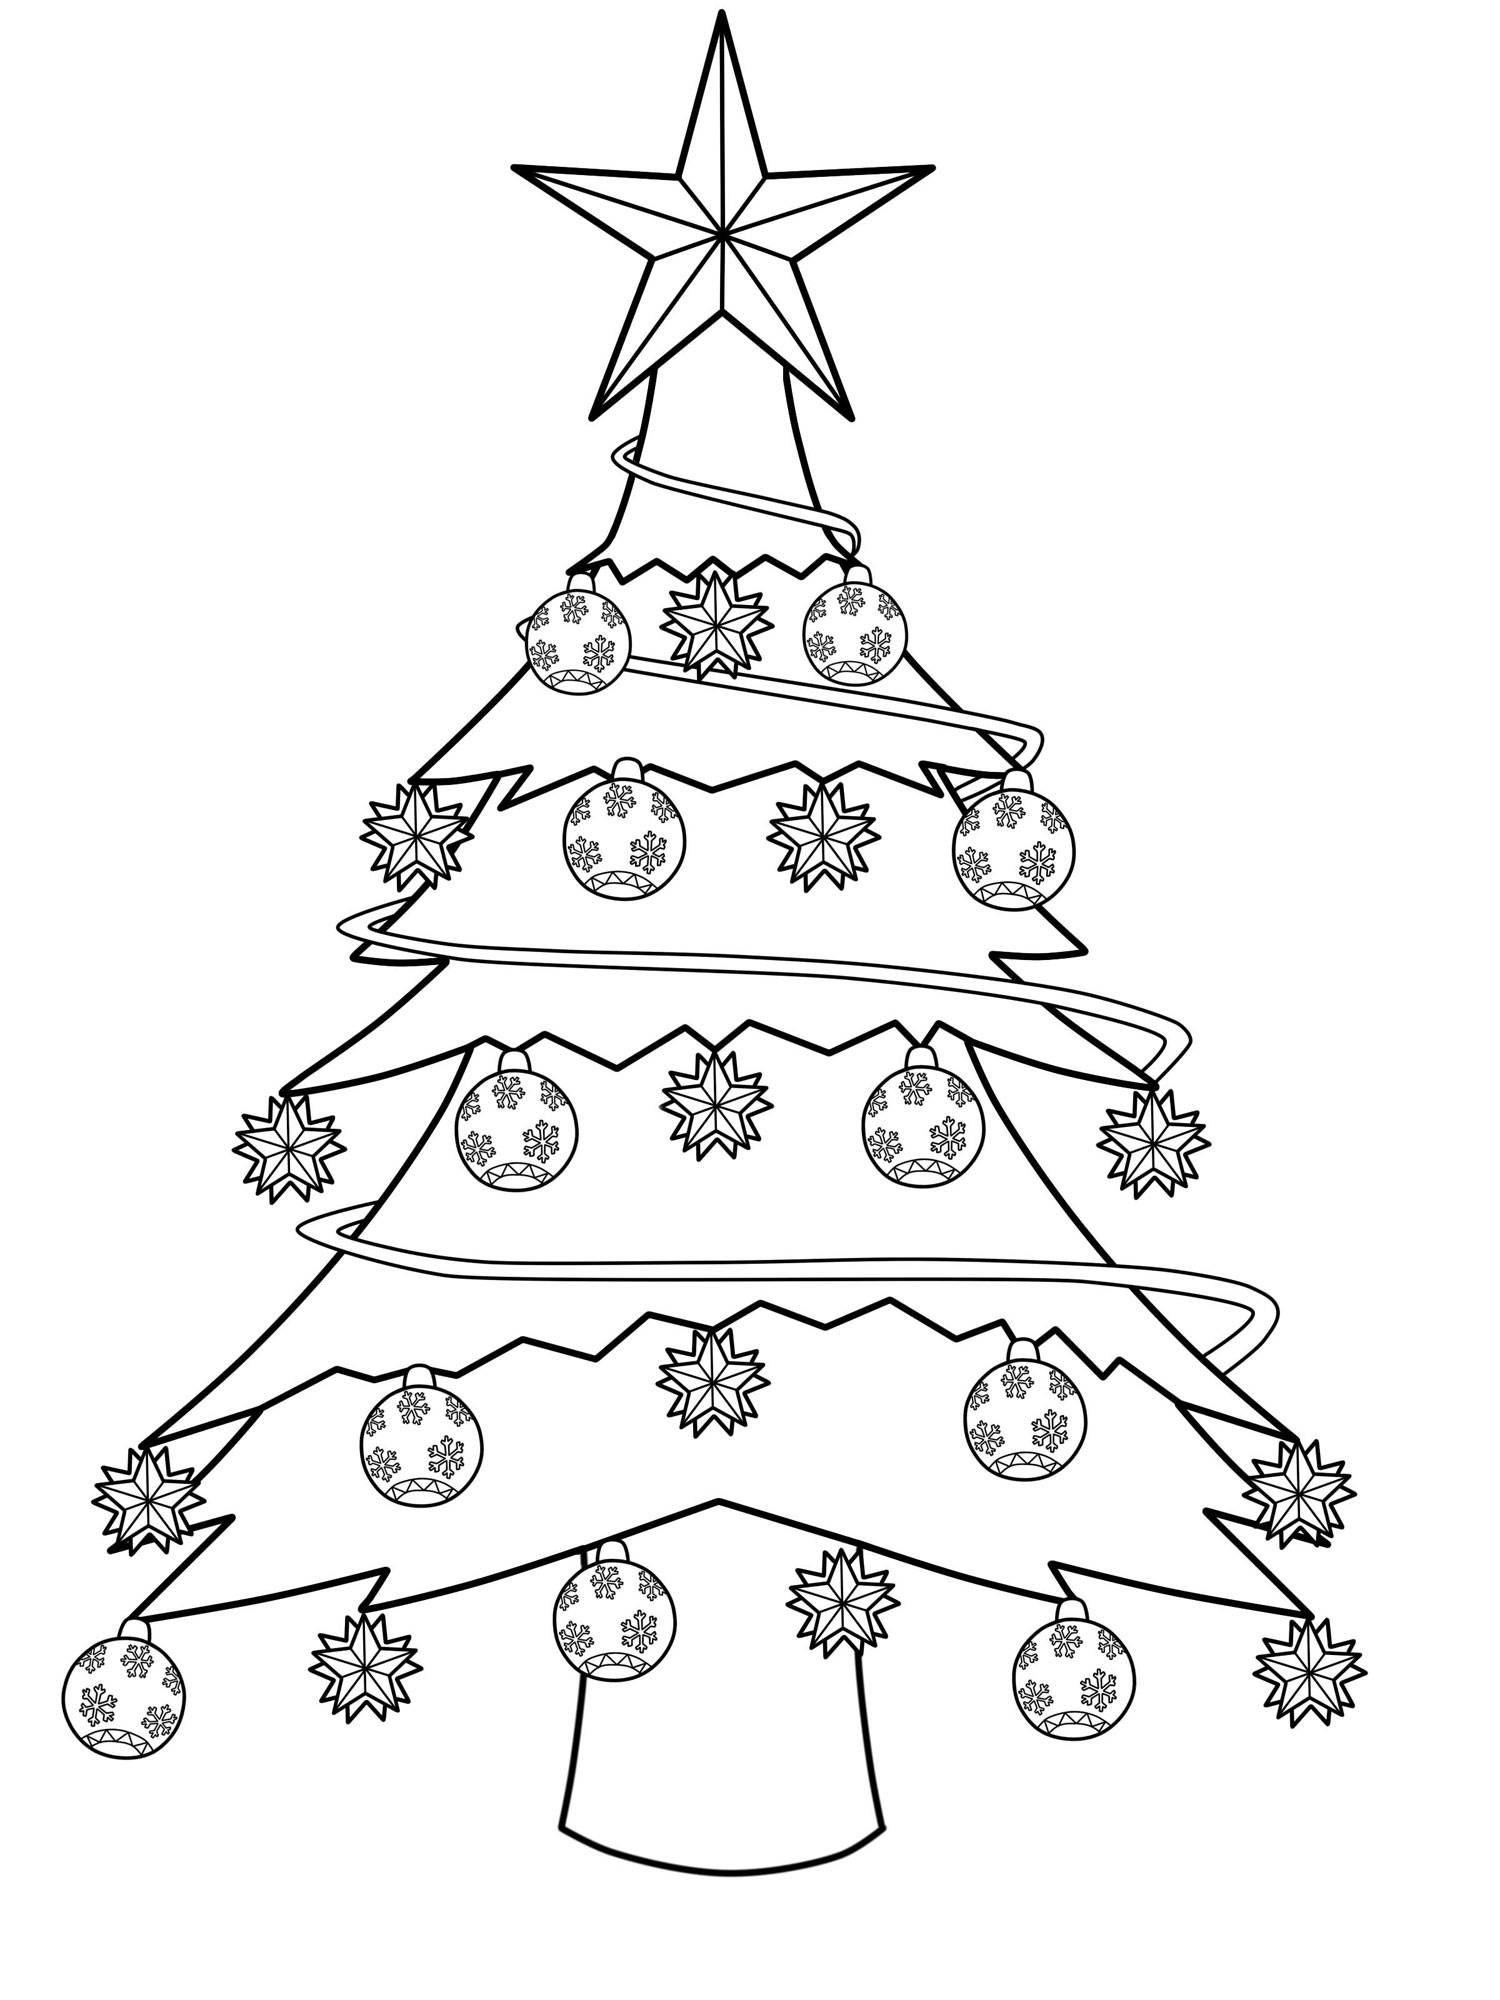 Kostenlose Malvorlage Weihnachtsbaume Geschmuckter Weihnachtsbaum Zum Ausmalen Weihnachtsbaum Schablone Weihnachtsbaum Kostenlose Malvorlagen